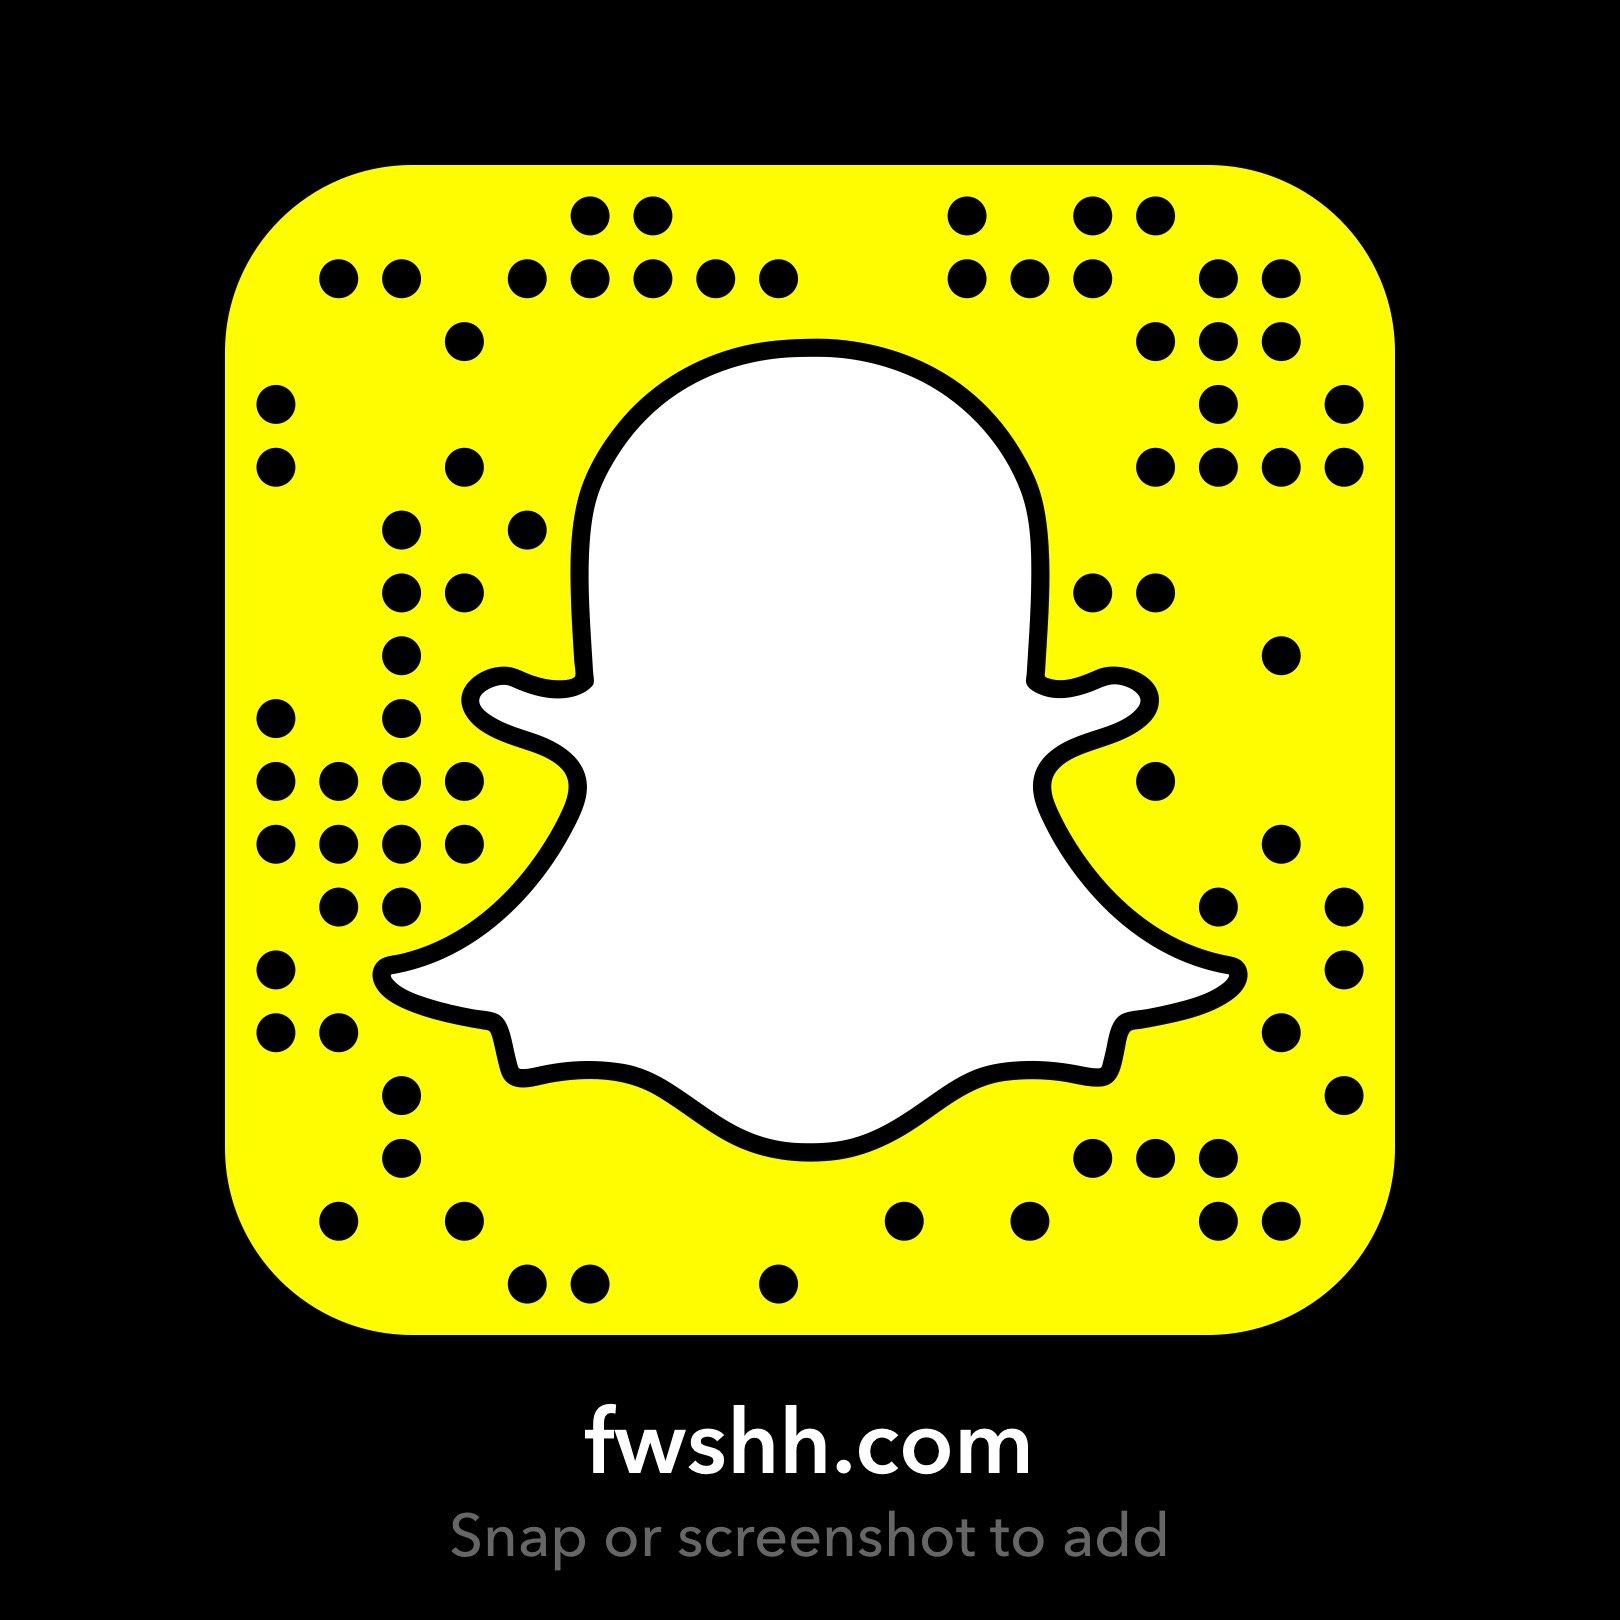 Worldstar snapchat